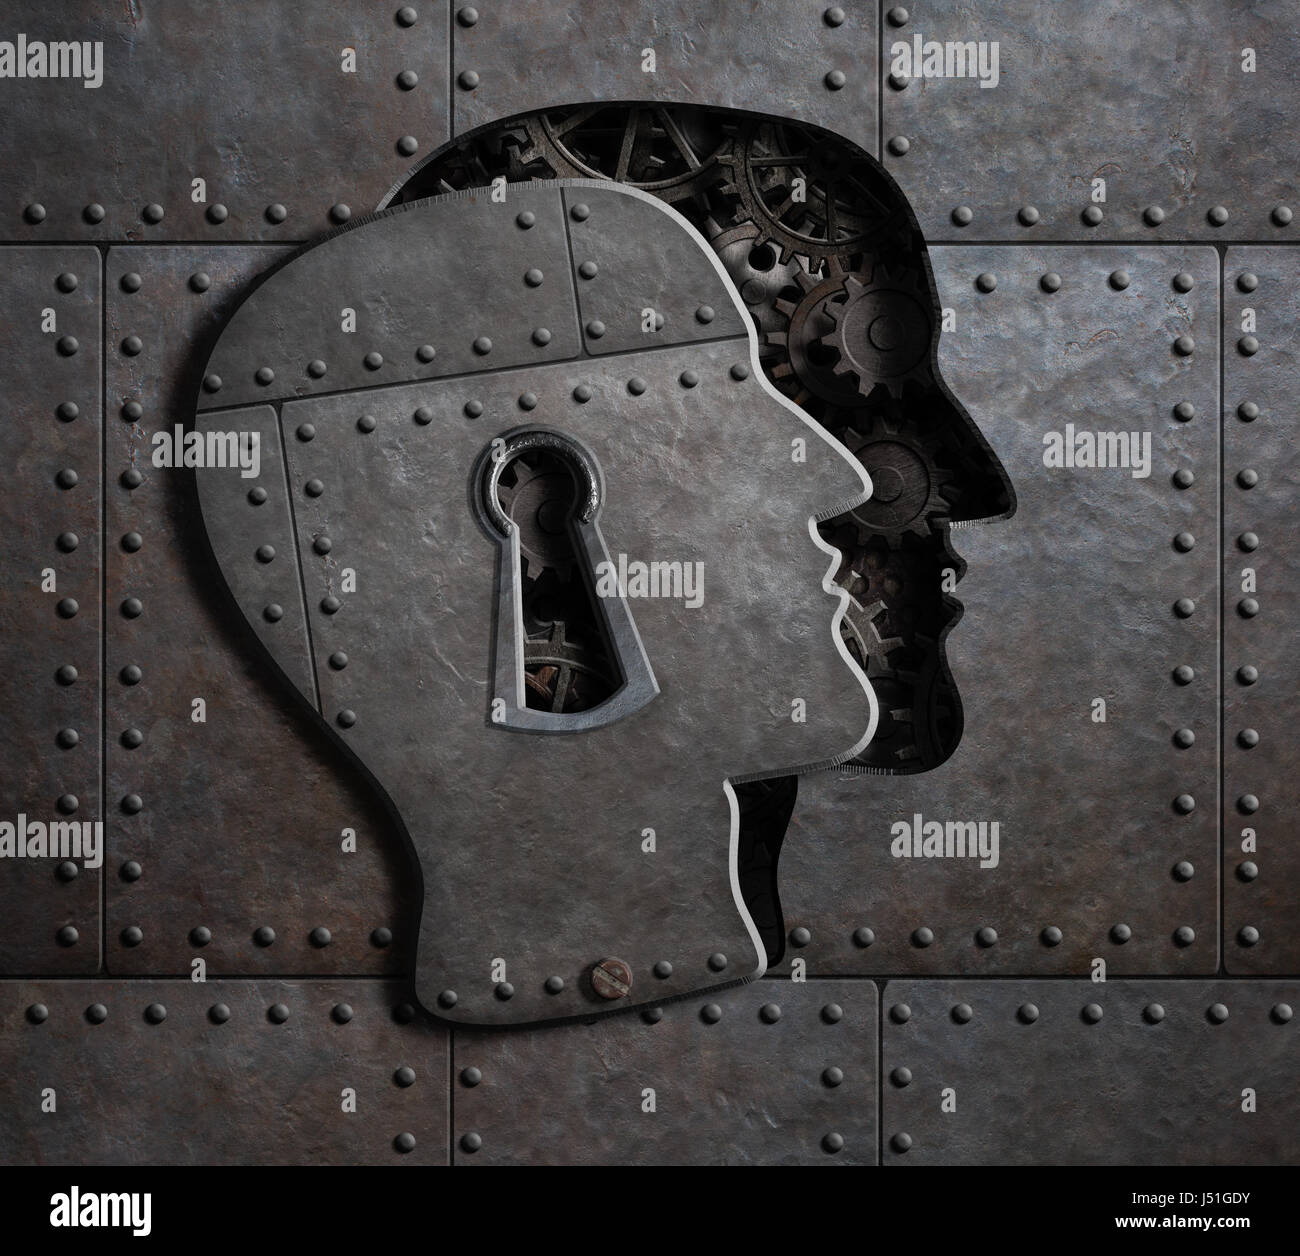 Open brain door with metal gears and cogs 3d illustration - Stock Image